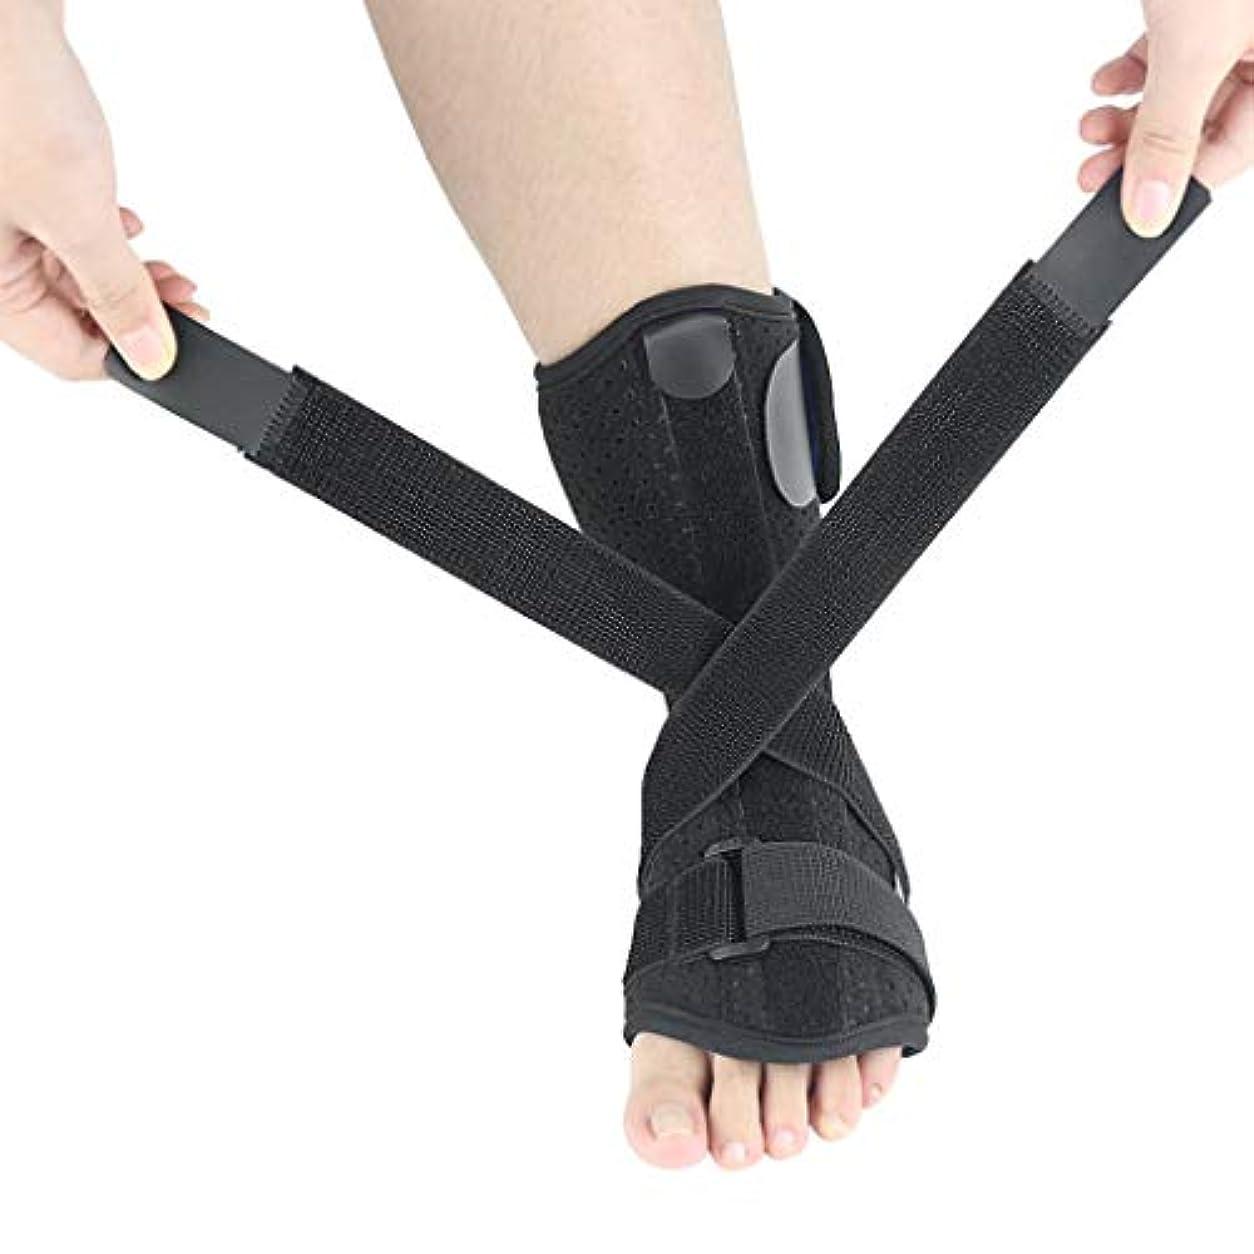 実験室証明アクセスできない足首サポーター 足用サポート アンクルサポーター スポーツサポーター テーピングサポーター 足首保護 捻挫防止 関節?靭帯? 筋肉保護 通気性抜